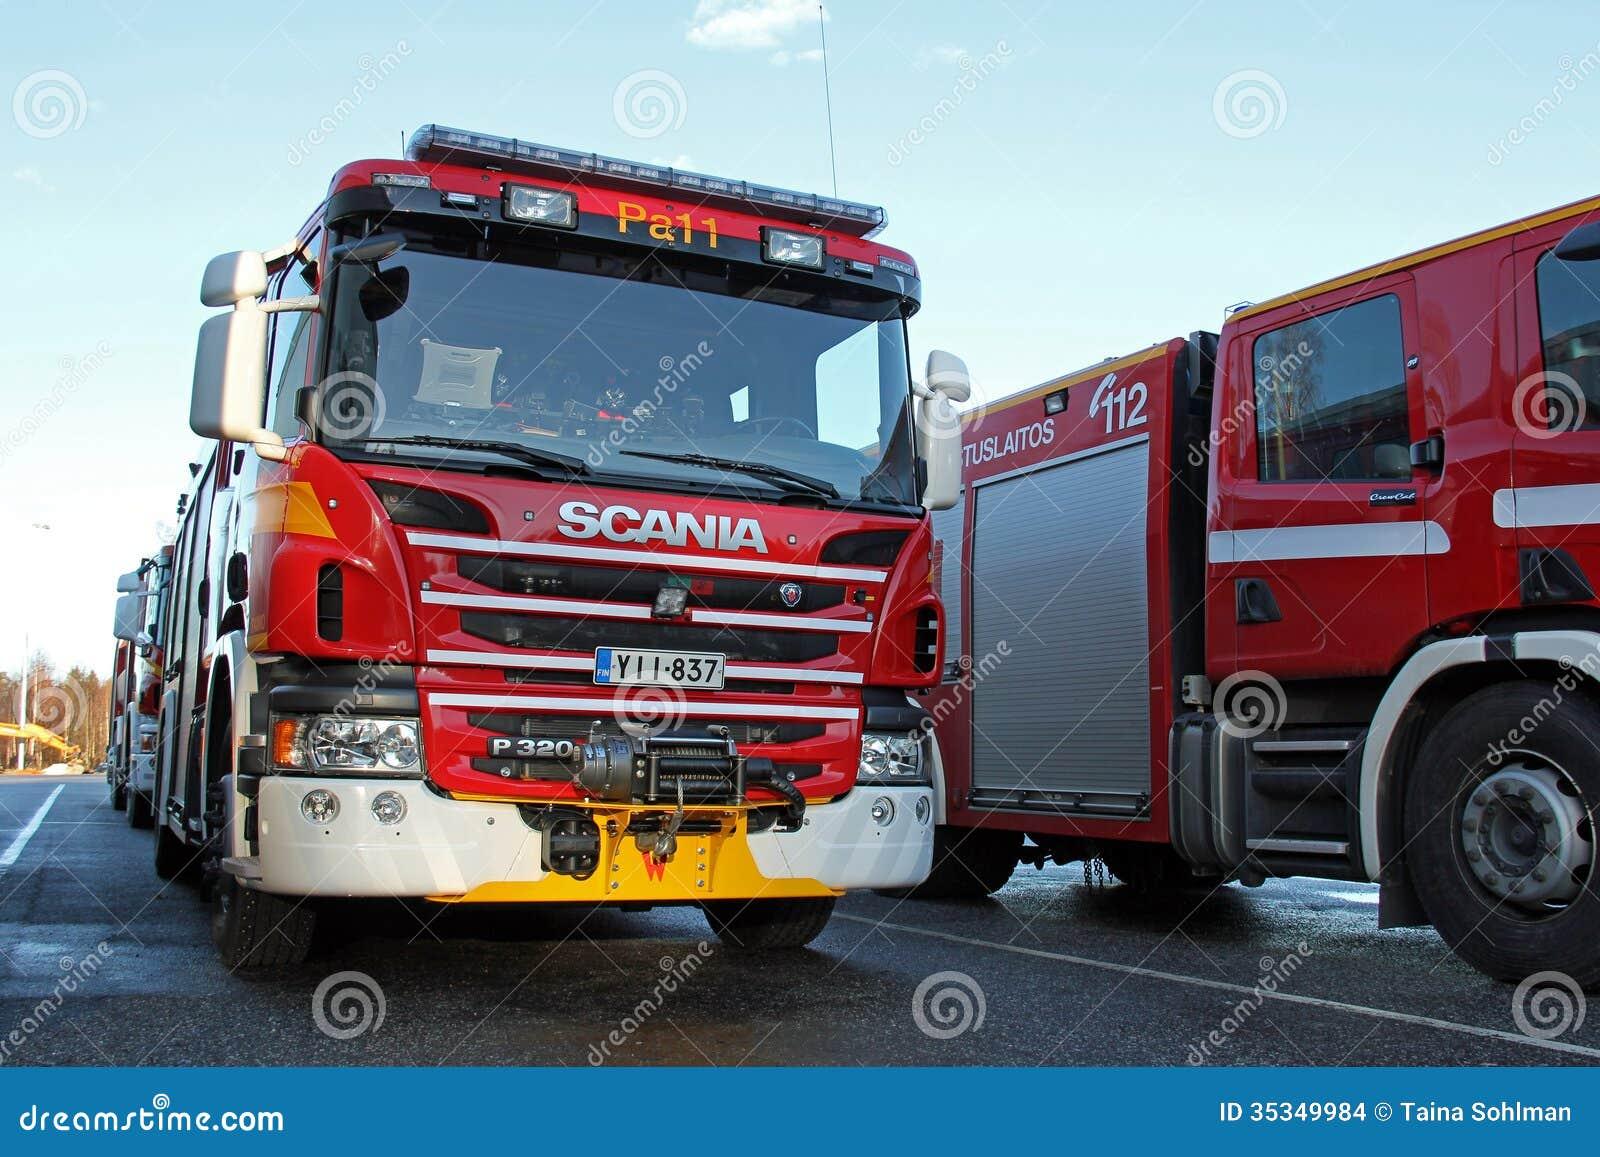 Camion dei vigili del fuoco di scania p320 immagine stock - Foto di grandi camion ...